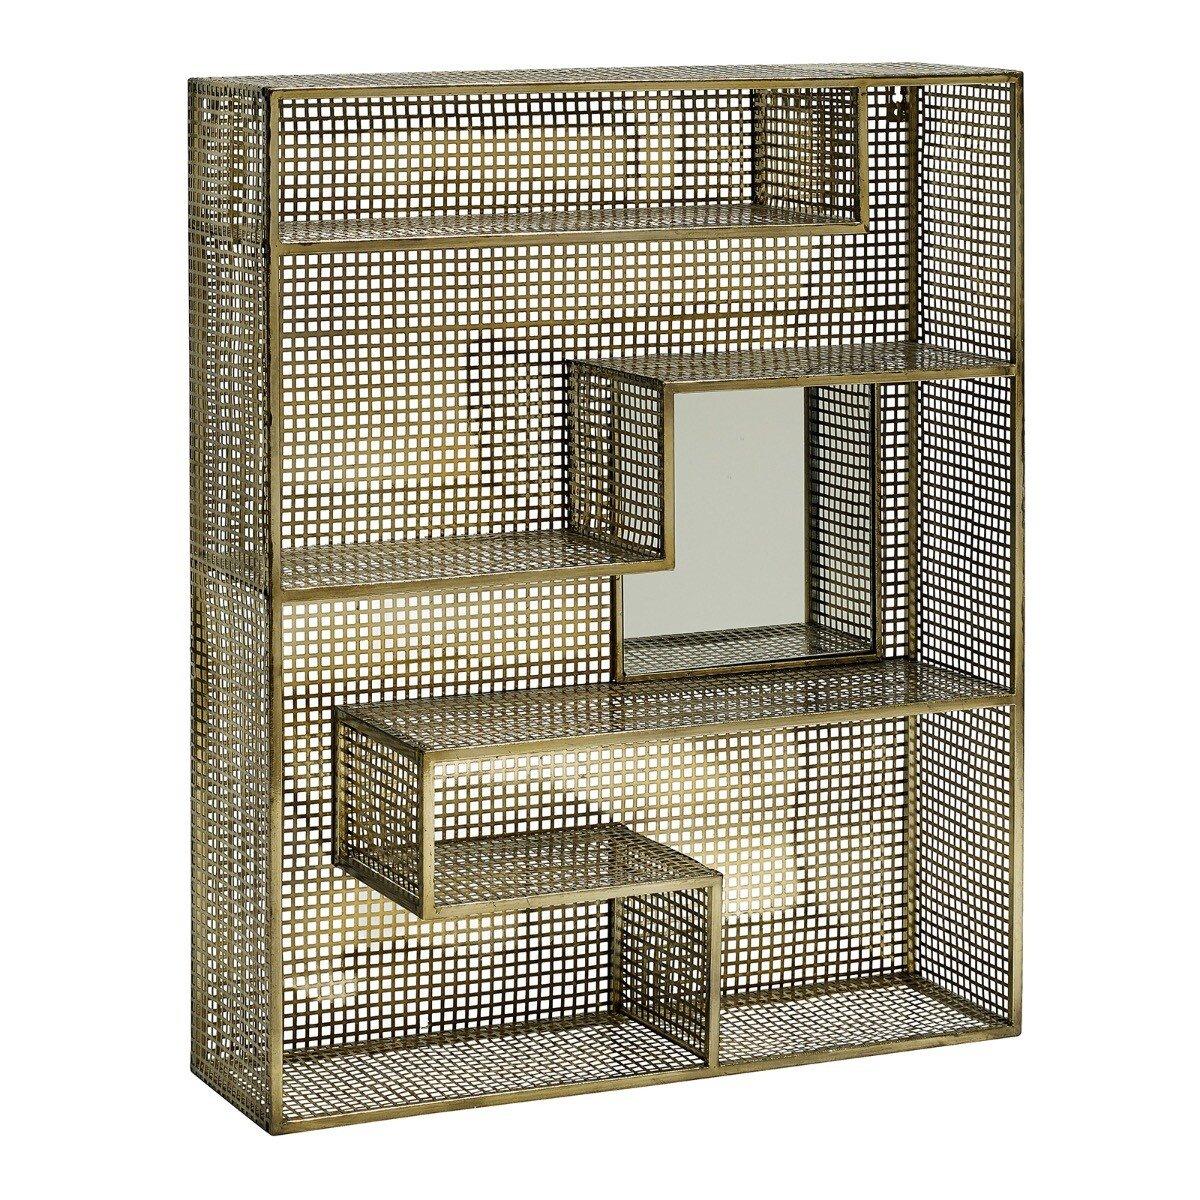 Nordal wandrek mirror metaal goud 91x75x20